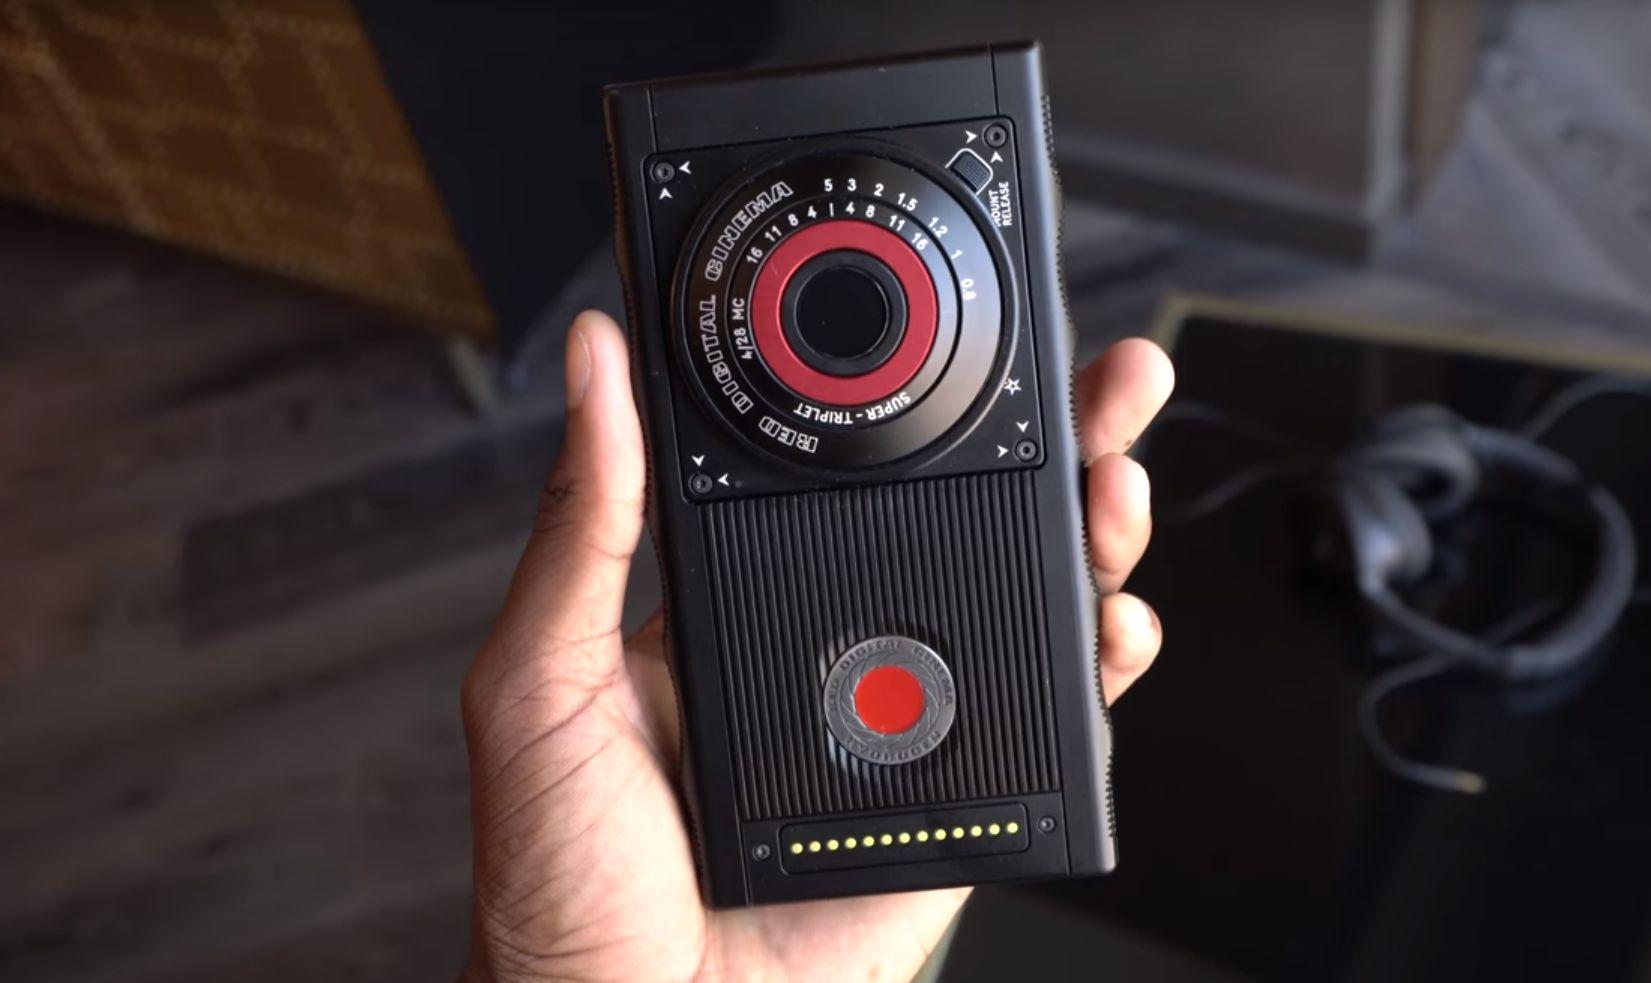 موبایل Hydrogen One یک گوشی عجیب برای سینماگران